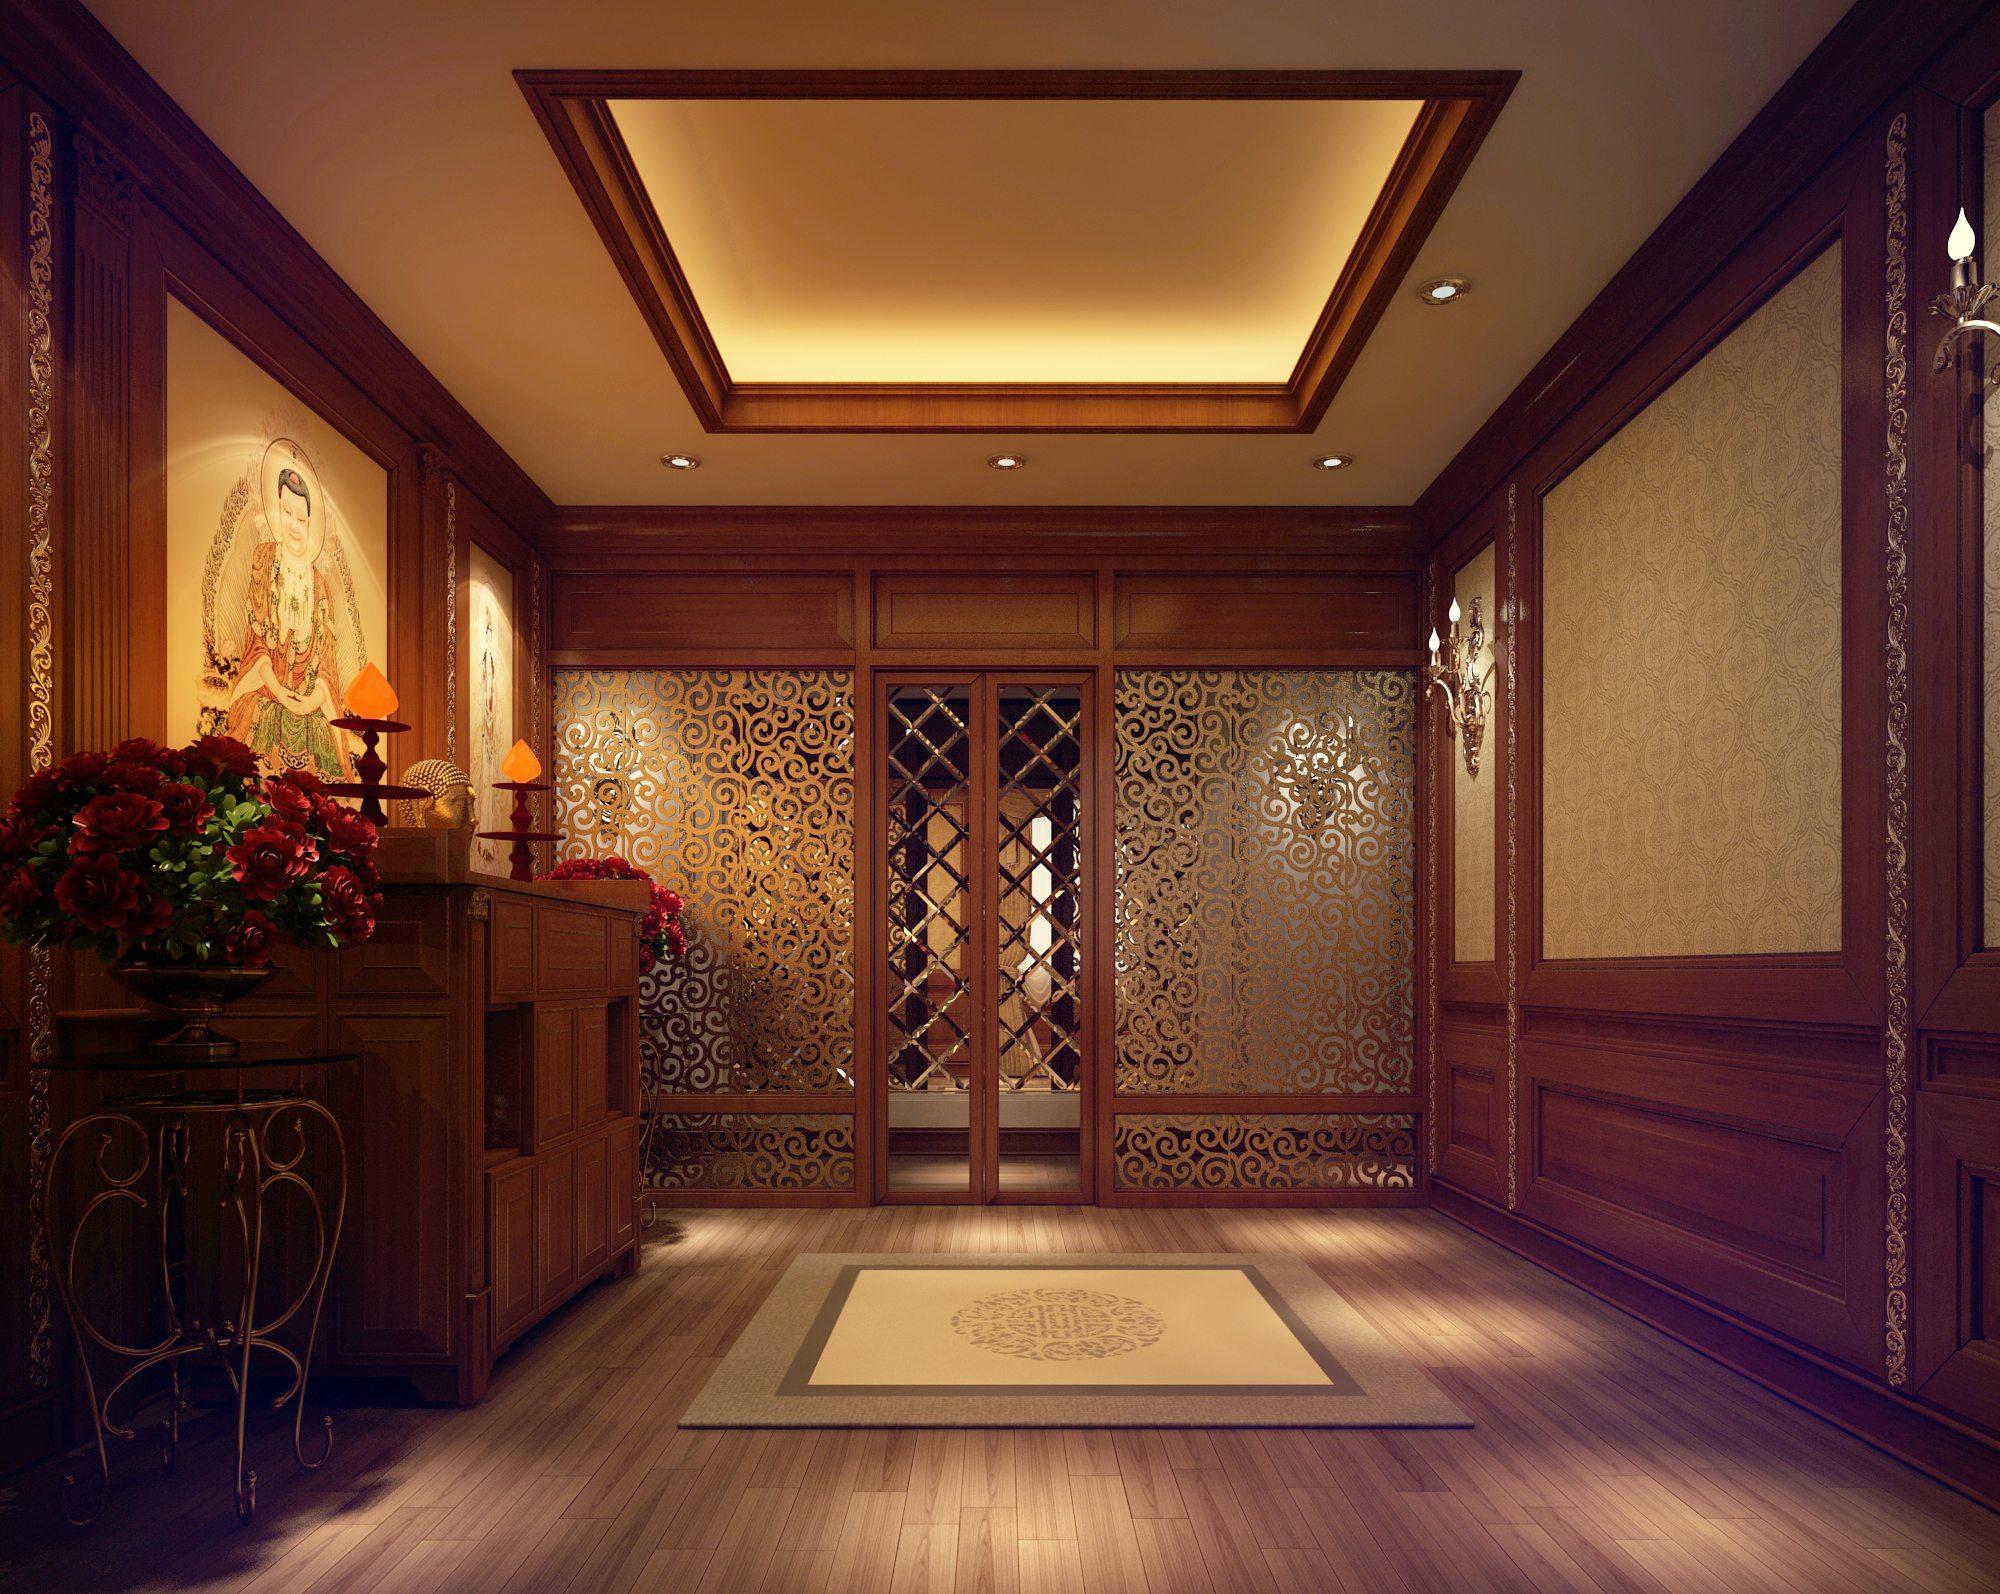 Thiết kế phòng thờ đẹp cho biệt thự